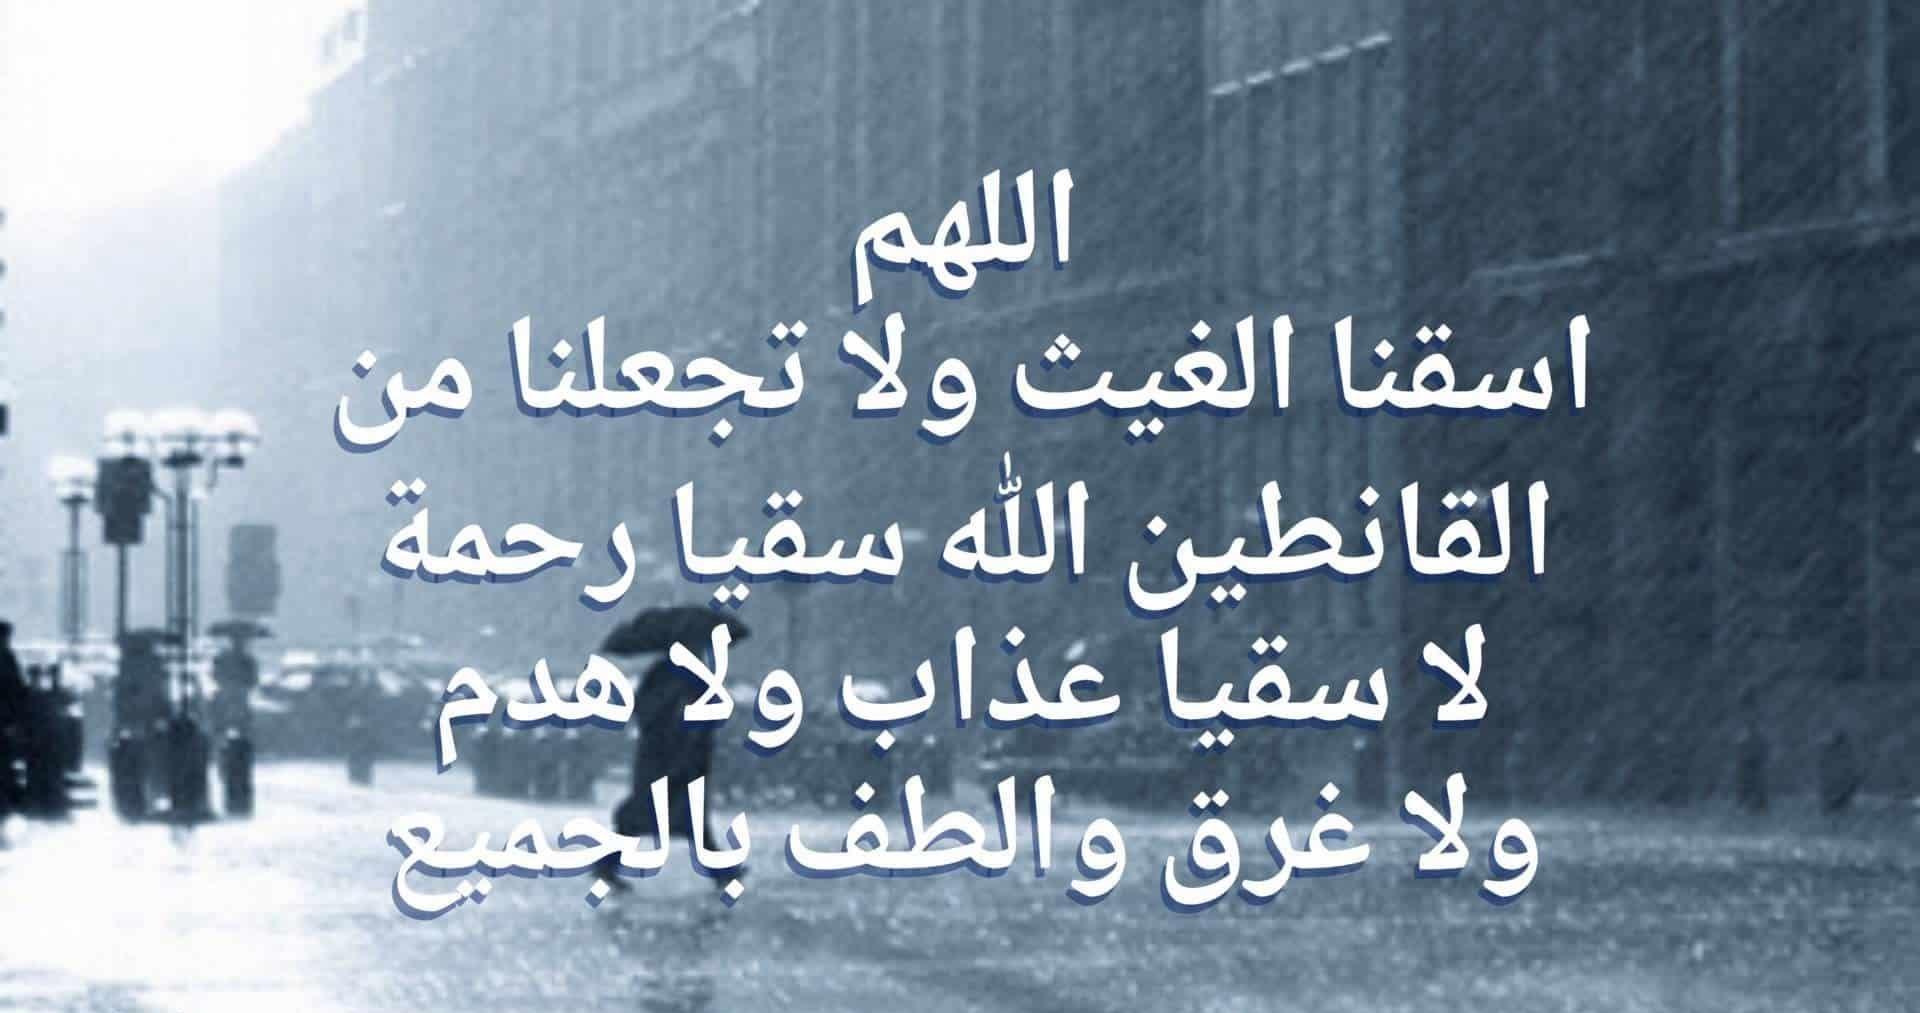 بالصور دعاء المطر , اجمل الادعية الدينية دعاء المطر 3449 1